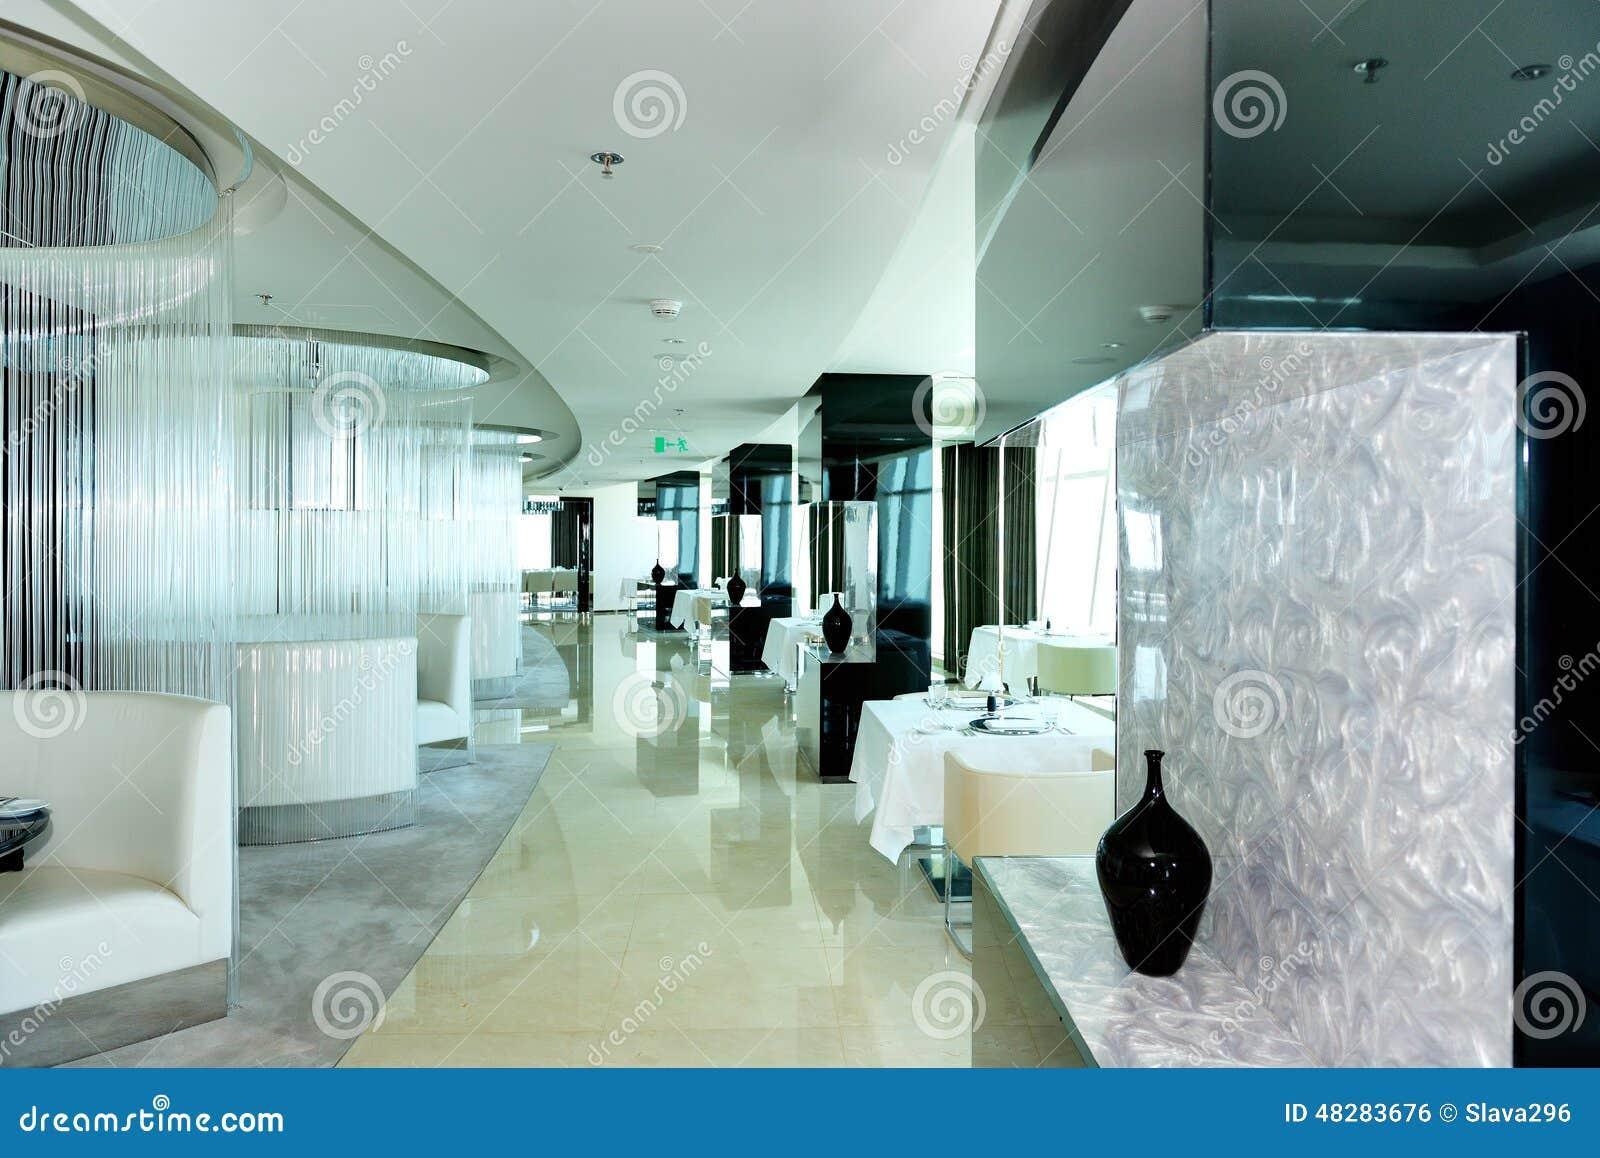 L 39 int rieur du restaurant de l 39 h tel de luxe moderne photo - Interieur hotel de luxe ...